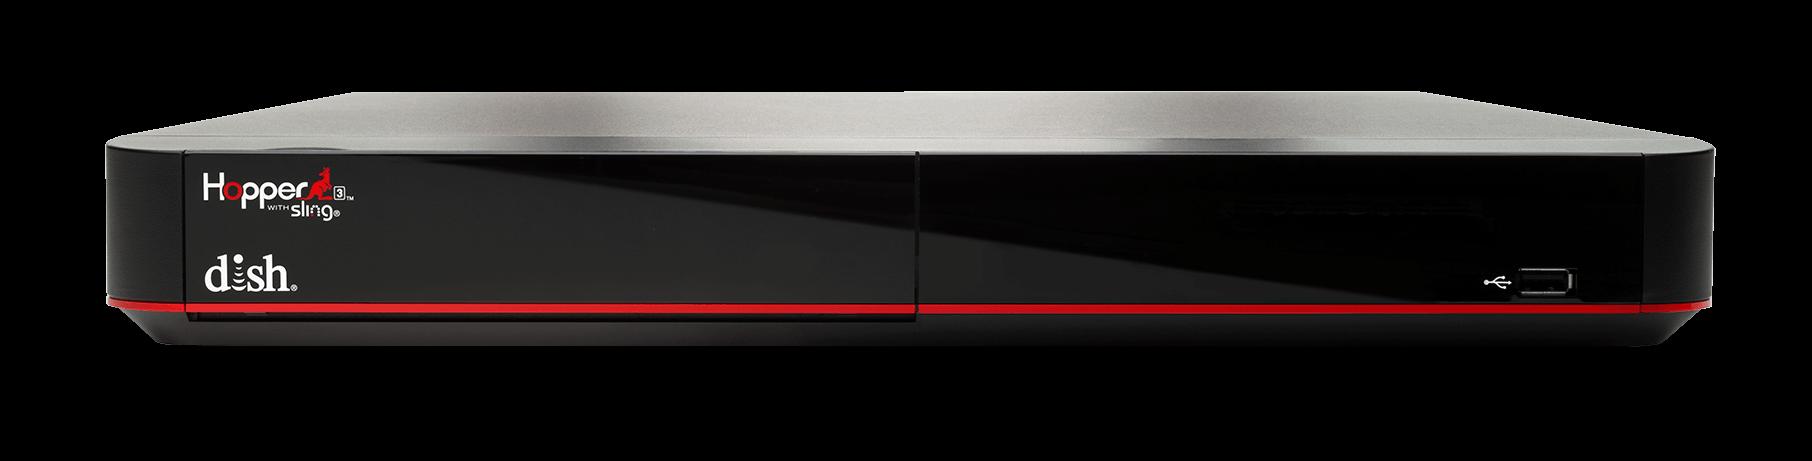 Hopper 3 DVR Image